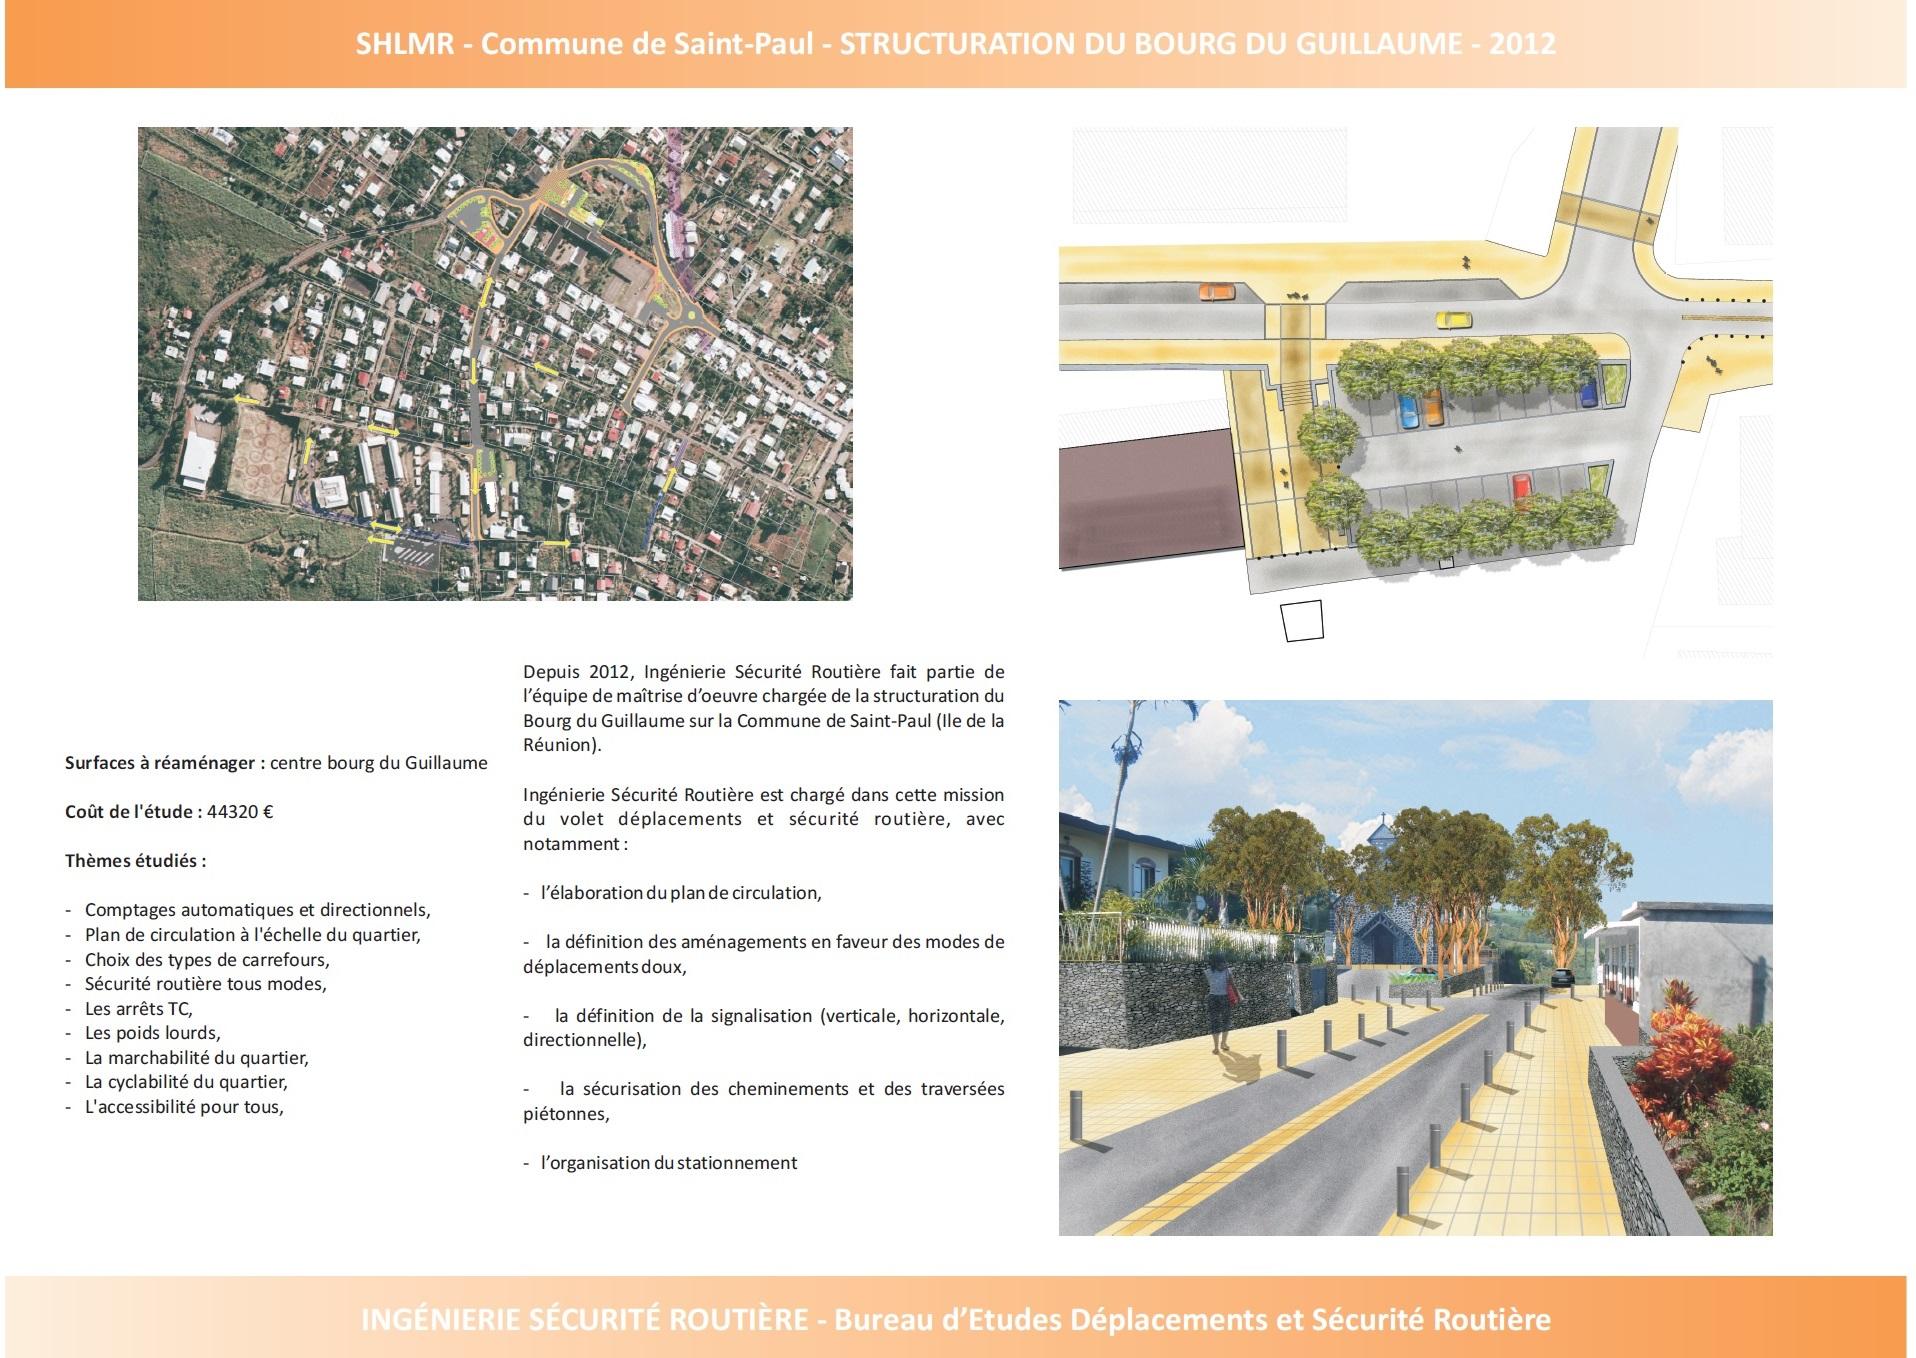 Ville de Saint-Paul : Structuration du Bourg de Guillaume